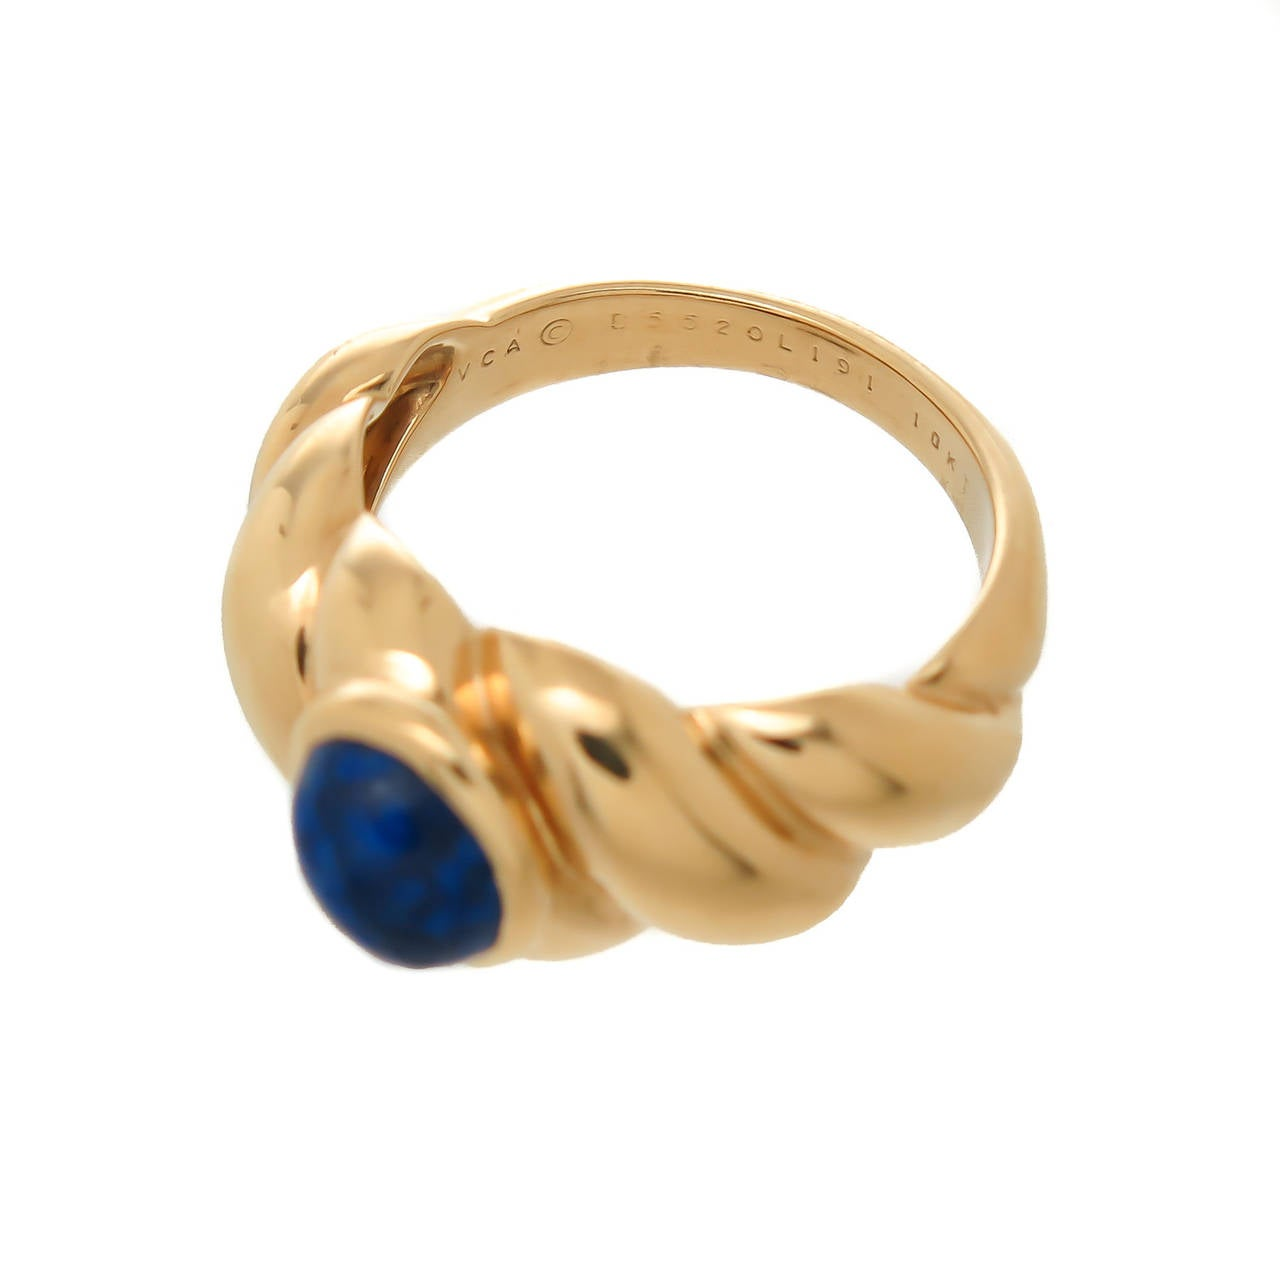 Van Cleef & Arpels Lapis Ring For Sale 1